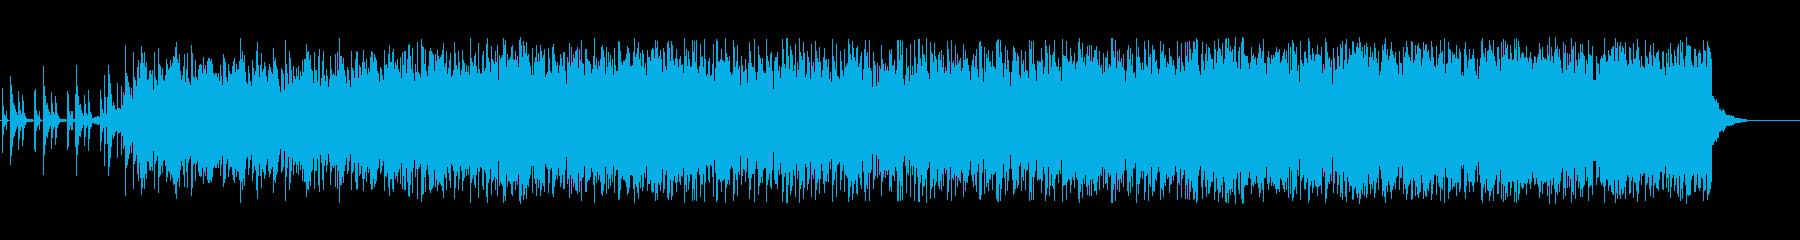 宇宙空間にはこれ!テクノポップの再生済みの波形